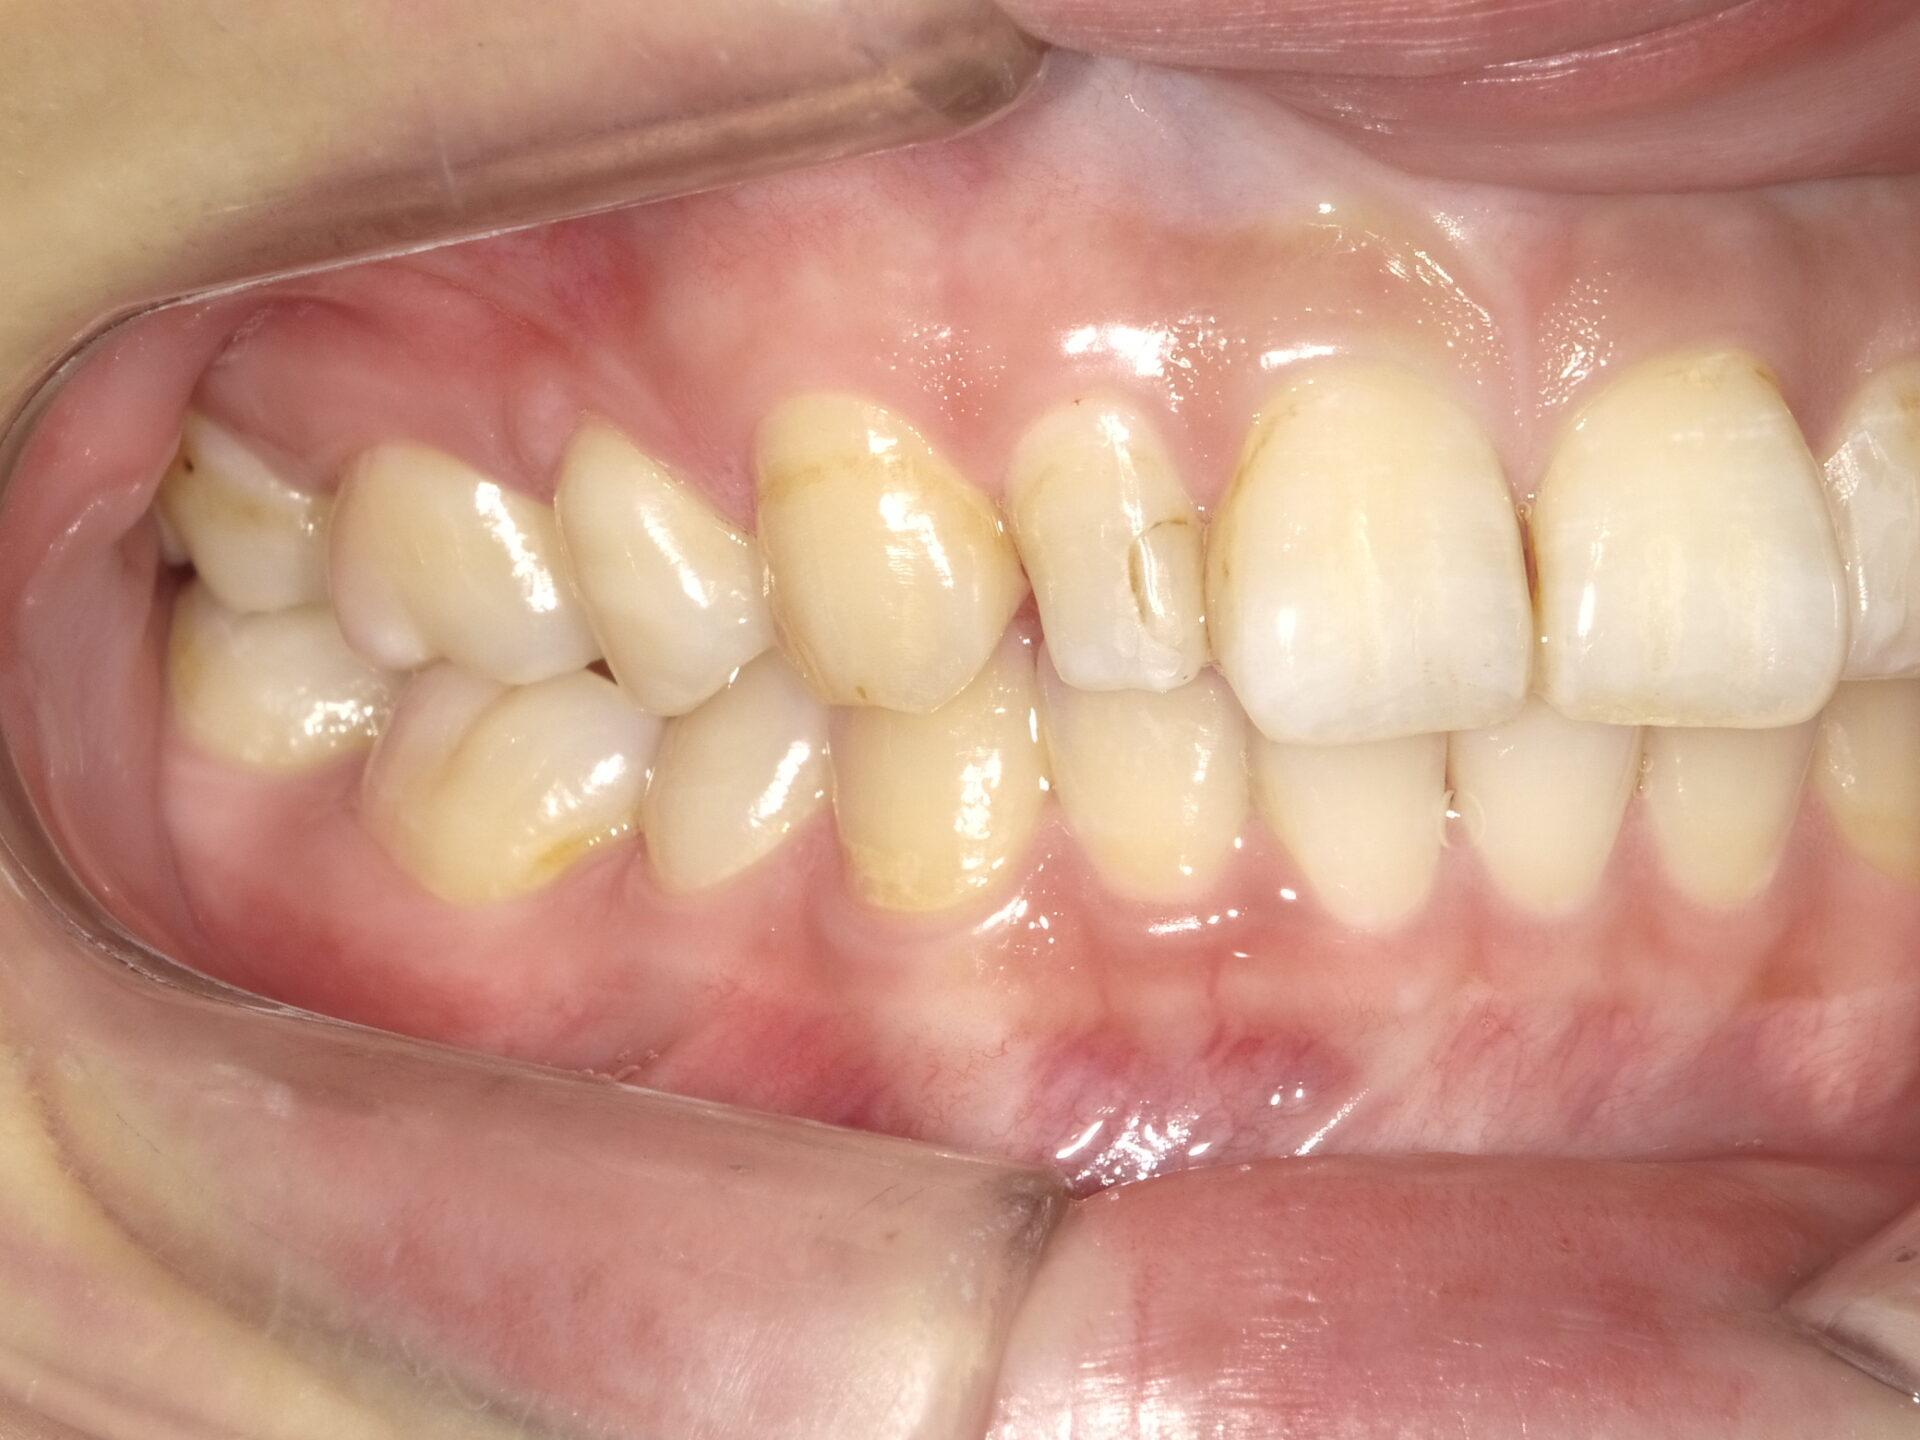 【症例】部分矯正+ホワイトニング+すきっ歯治療 治療方法01